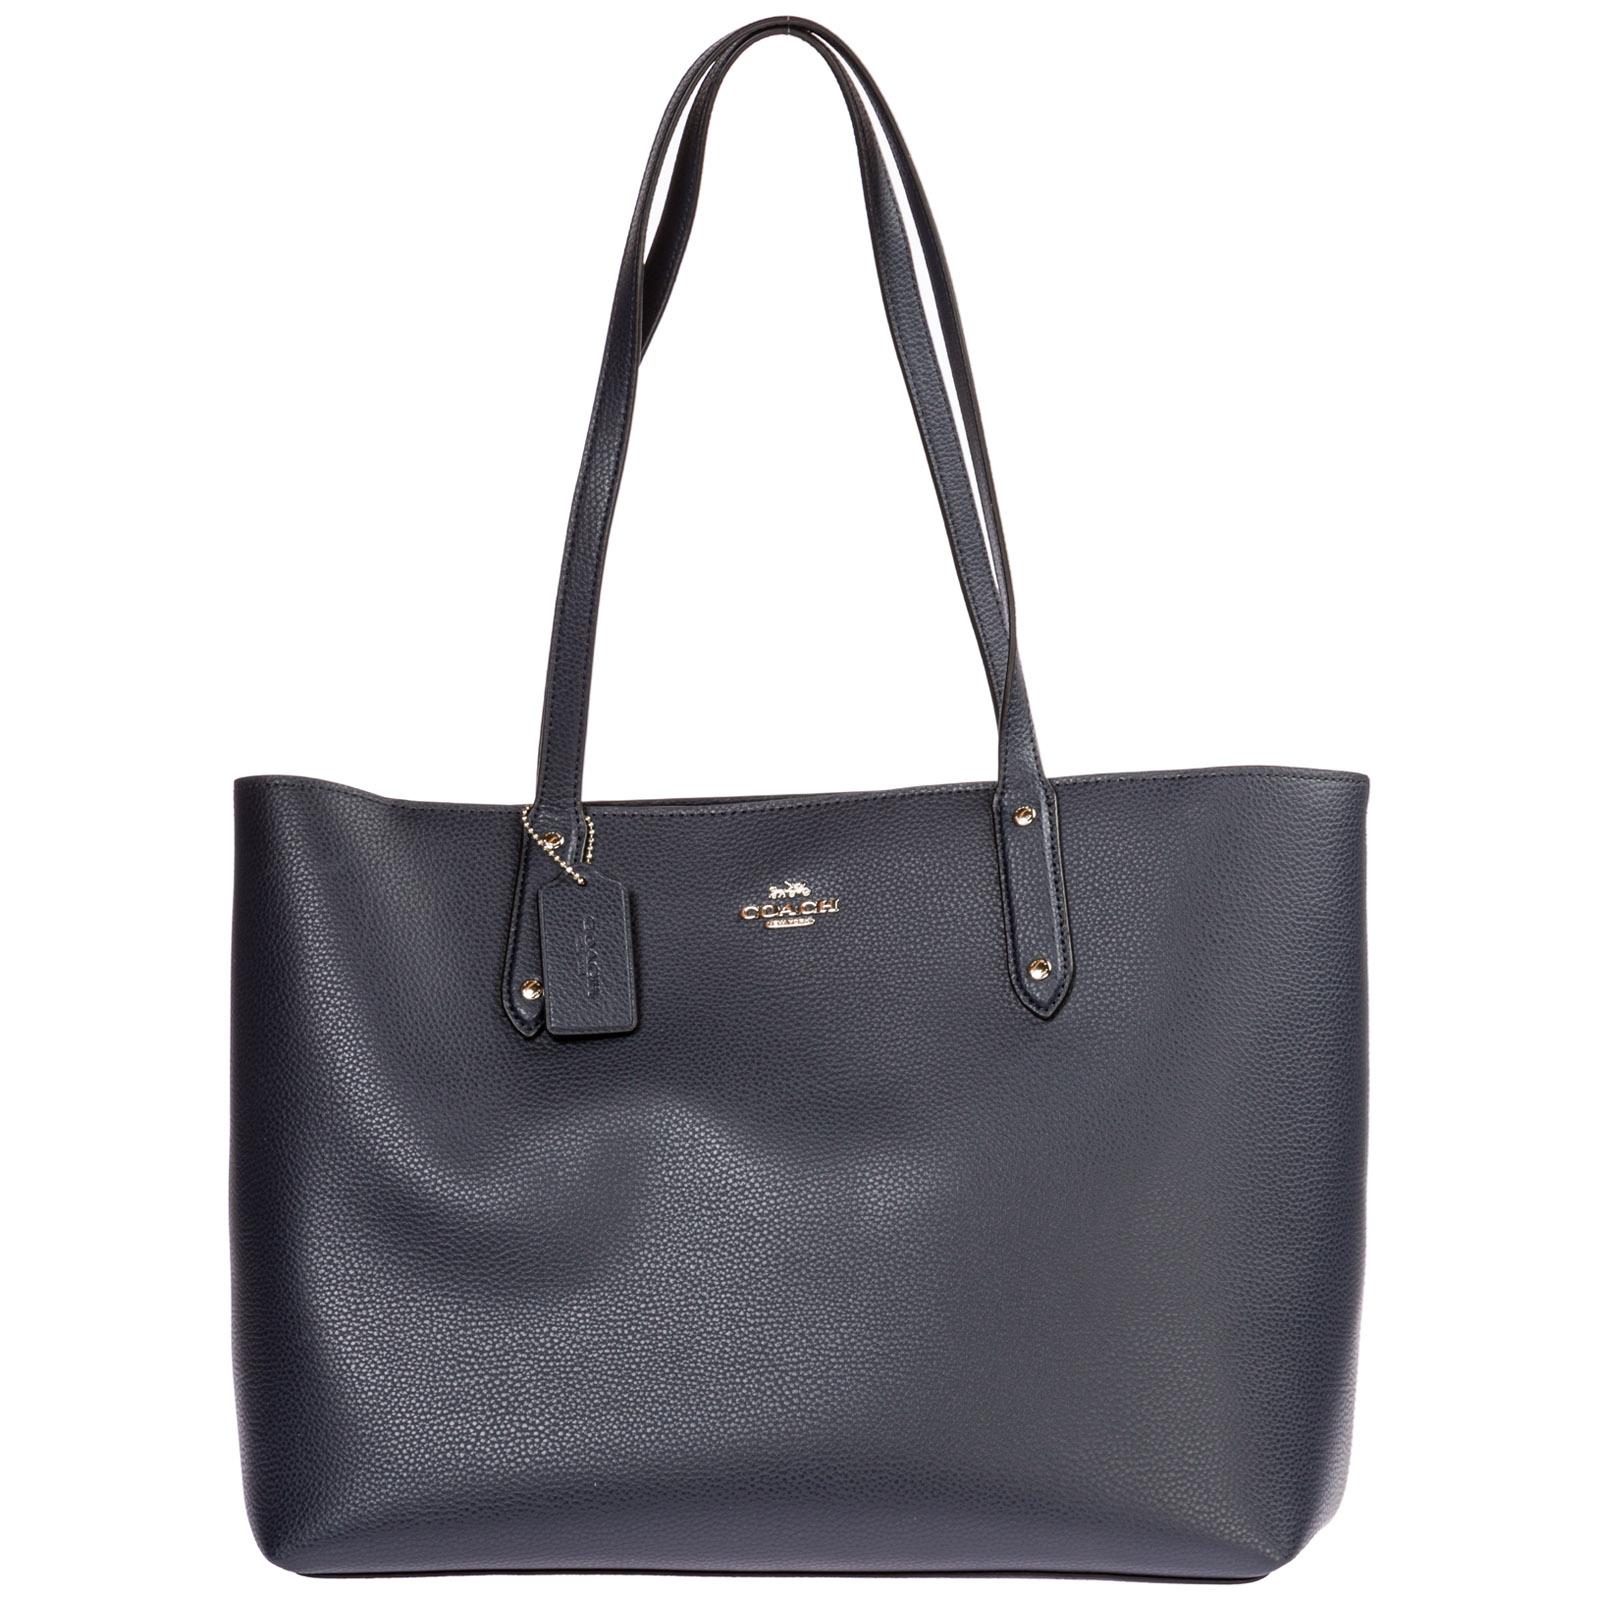 Women's leather shoulder bag central